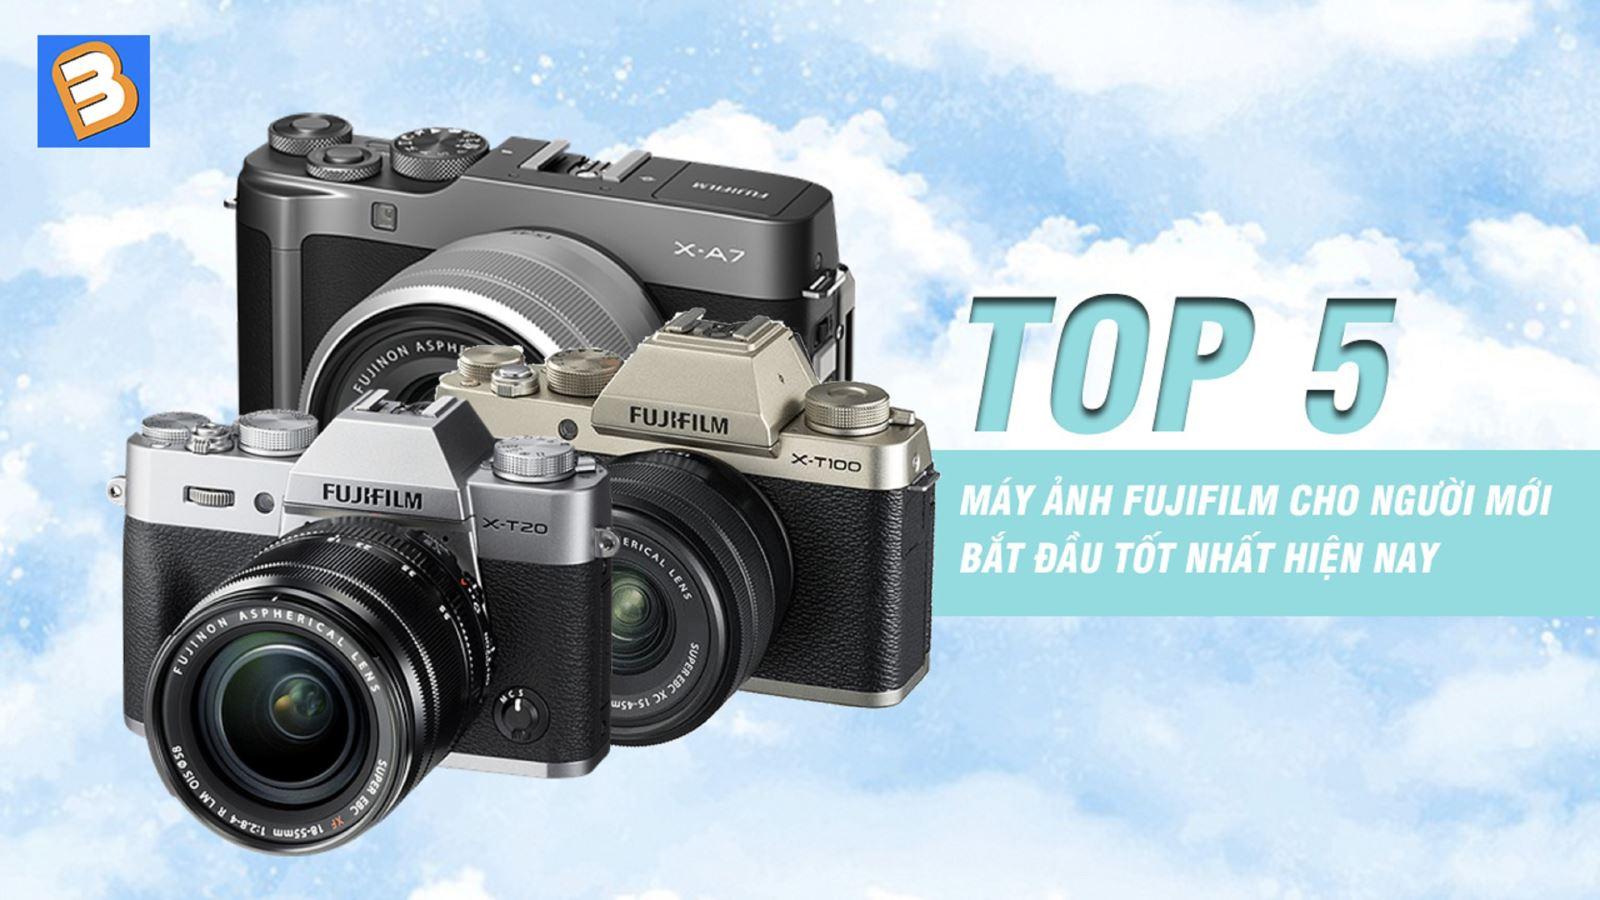 Top 5 máy ảnh Fujifilm cho người mới bắt đầu tốtnhất hiện nay